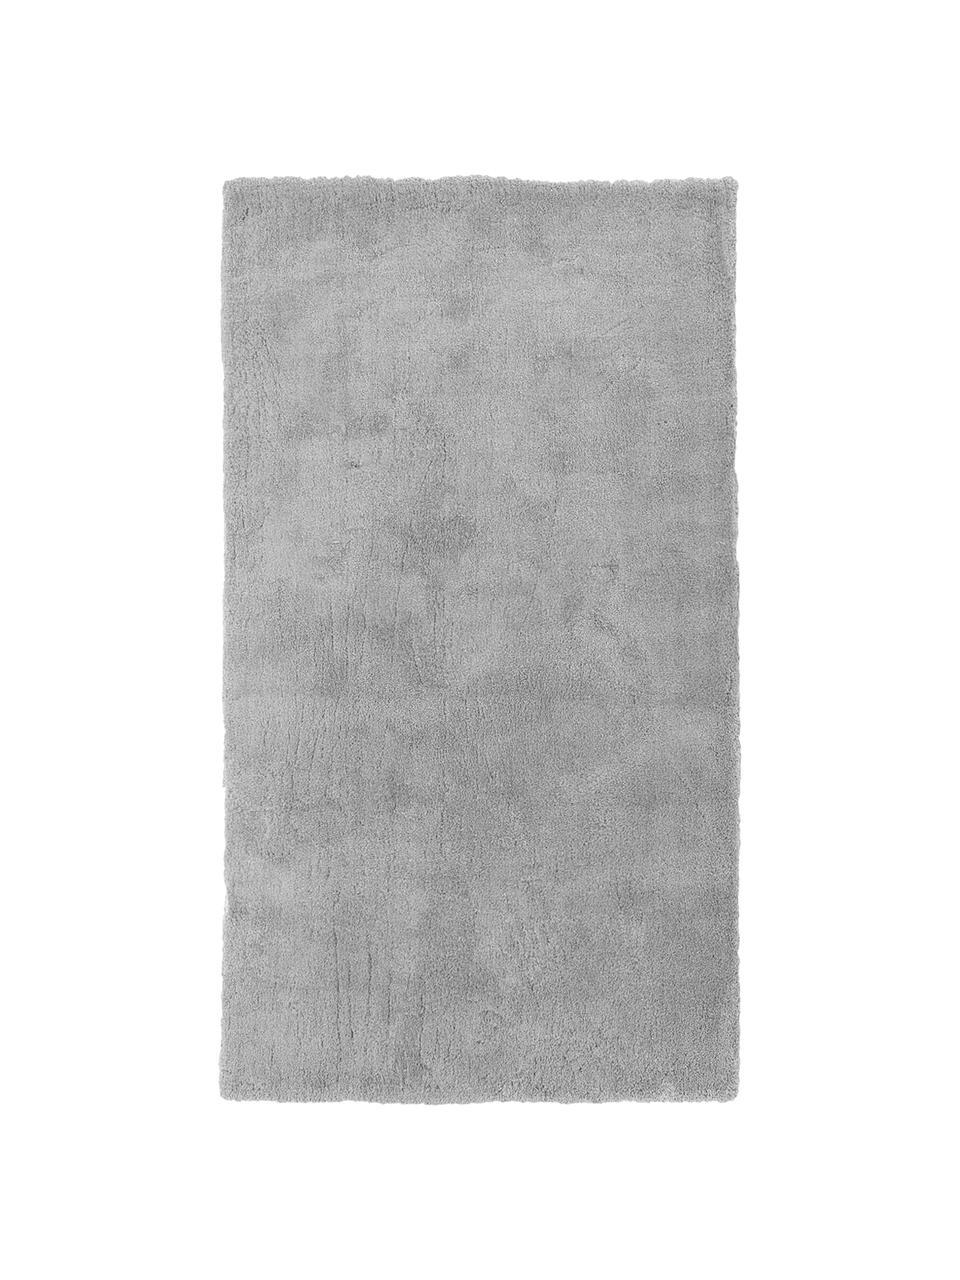 Flauschiger Hochflor-Teppich Leighton in Grau, Flor: Mikrofaser (100% Polyeste, Grau, B 200 x L 300 cm (Größe L)